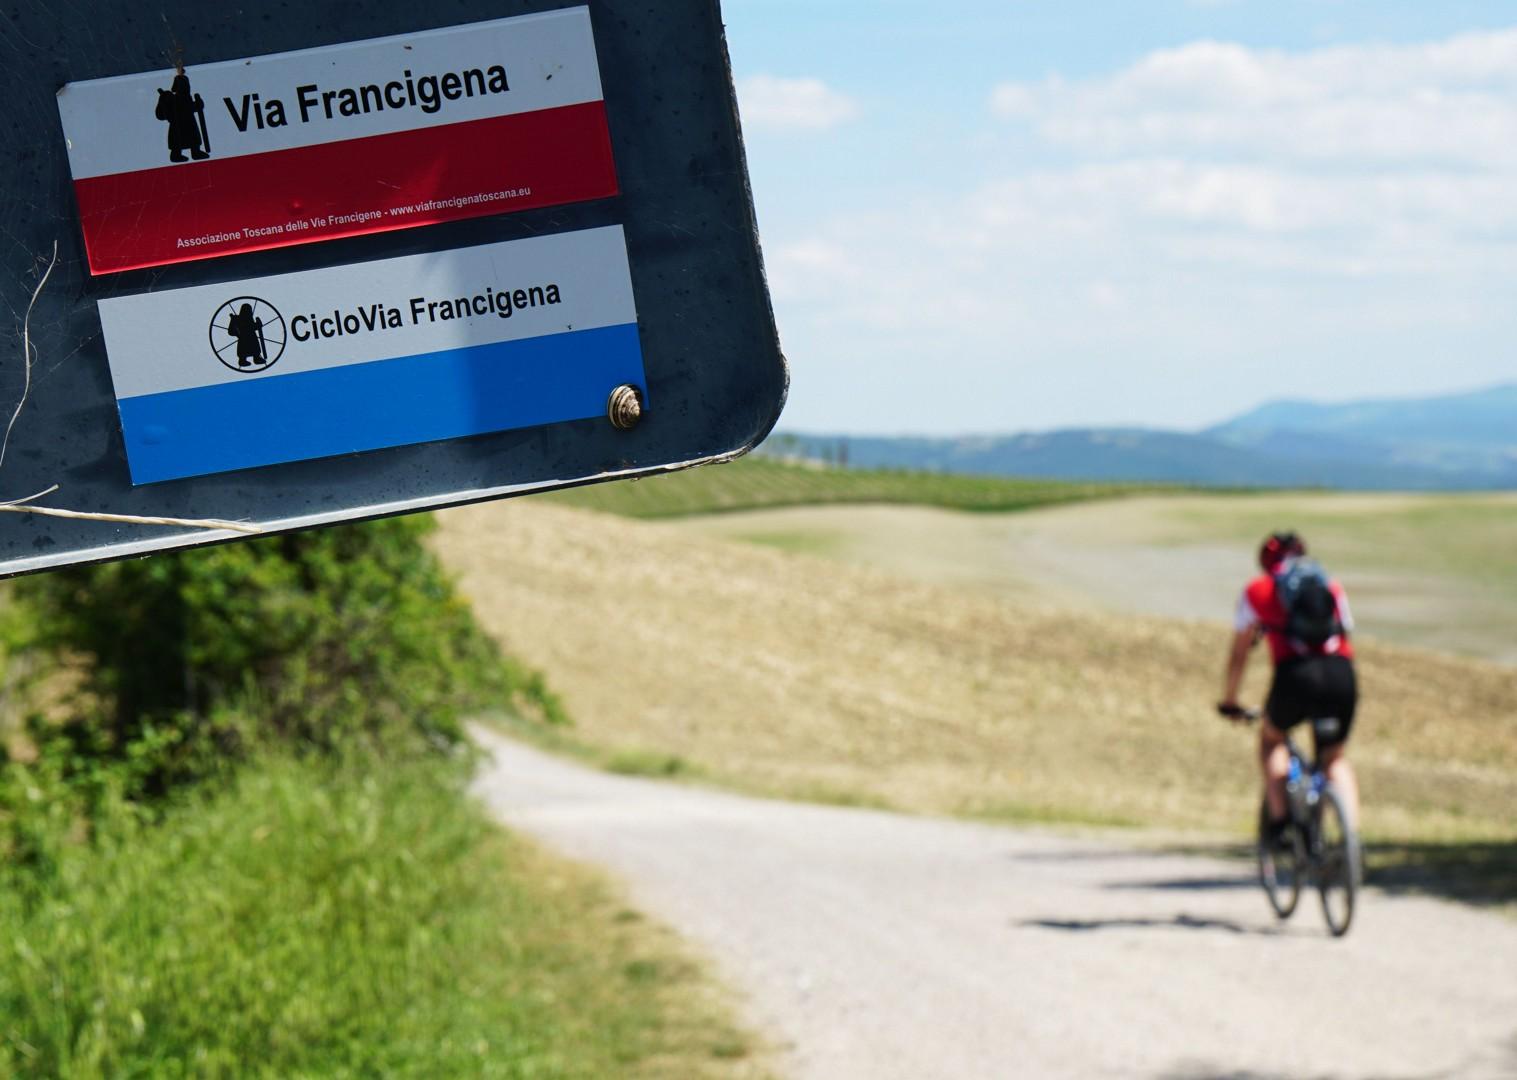 35489292140_89e5fe287a_o.jpg - Italy - Via Francigena (Tuscany to Rome) - Mountain Biking